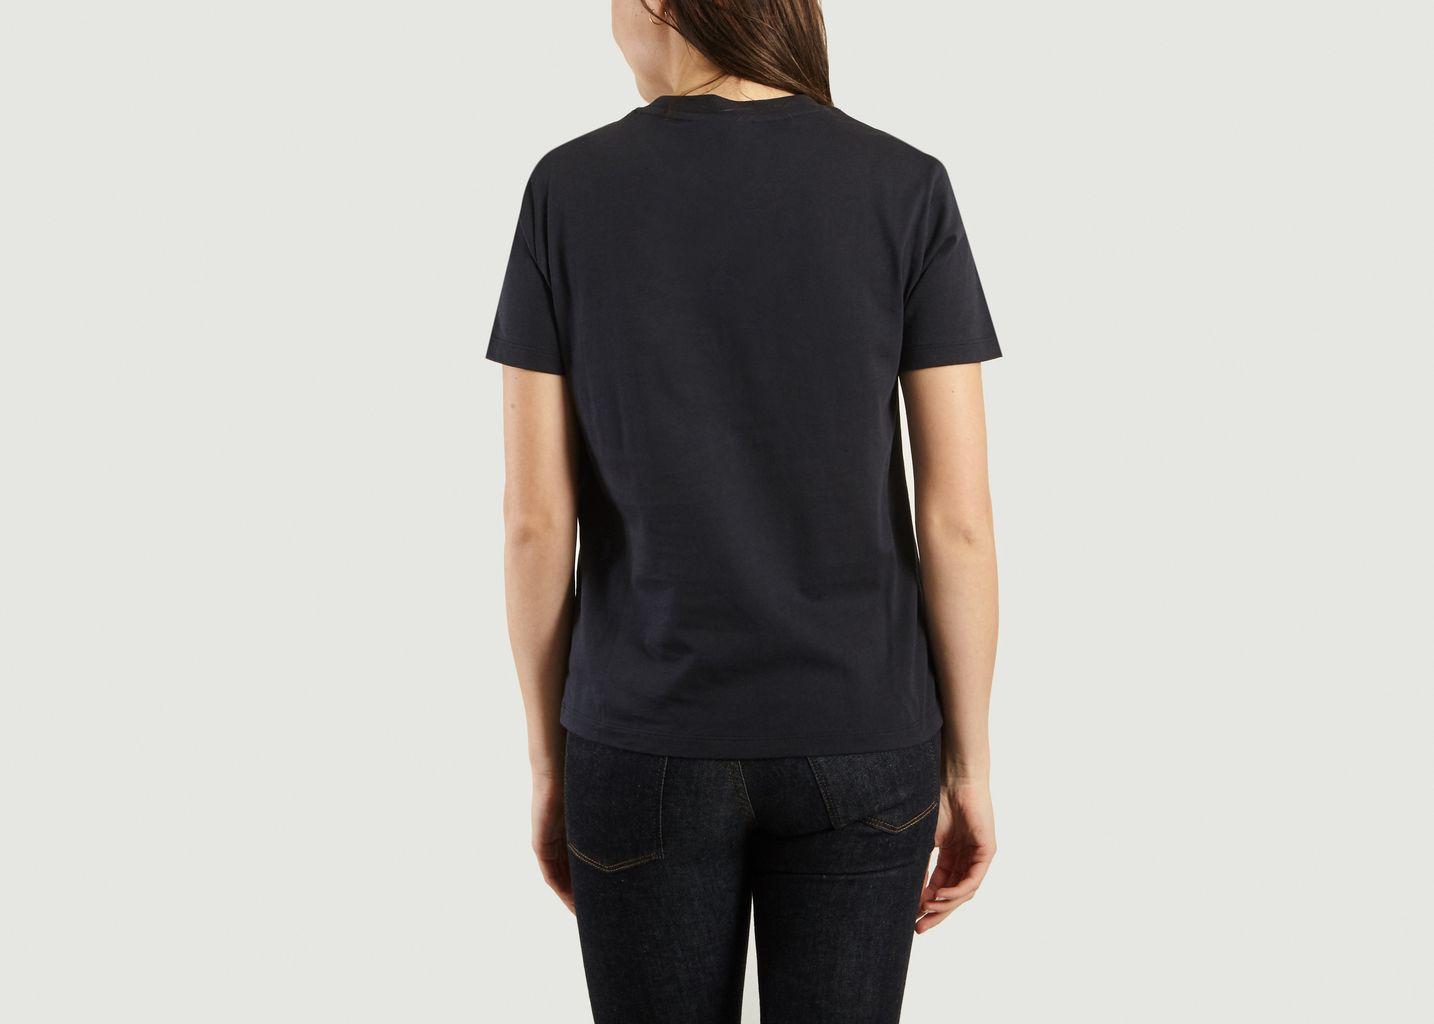 T-Shirt Paris Tahiti - Tara Jarmon